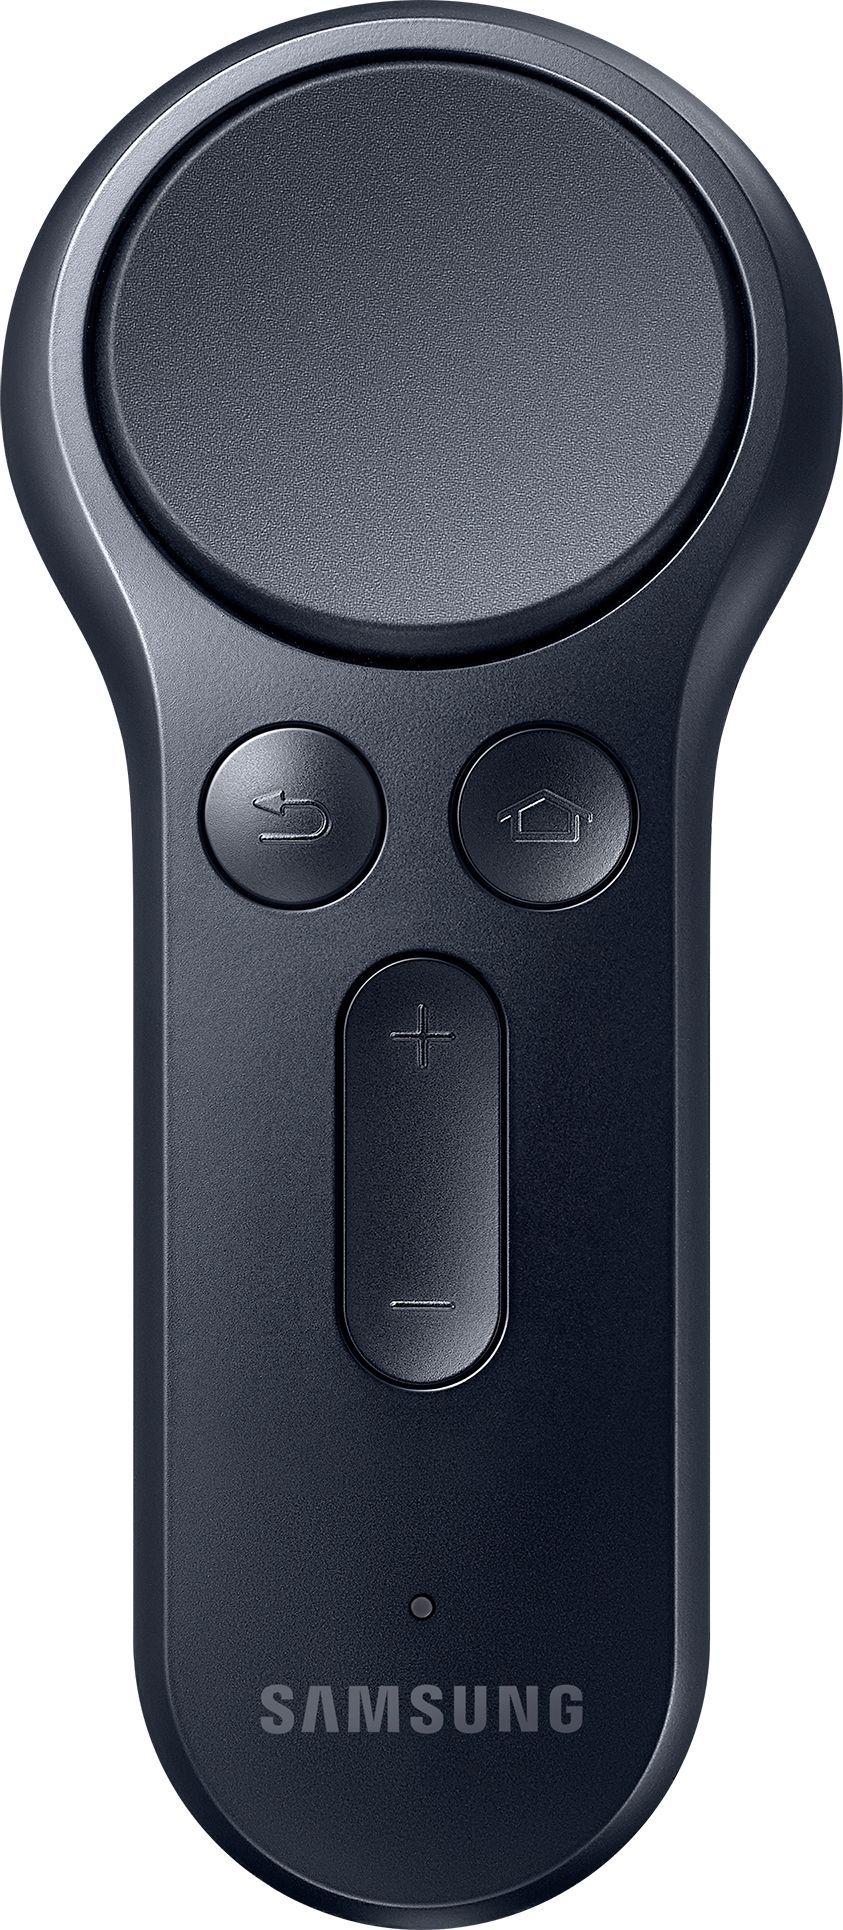 SamsungET-YO324BBEGRU джойстик для очков Gear VR - Виртуальная реальность